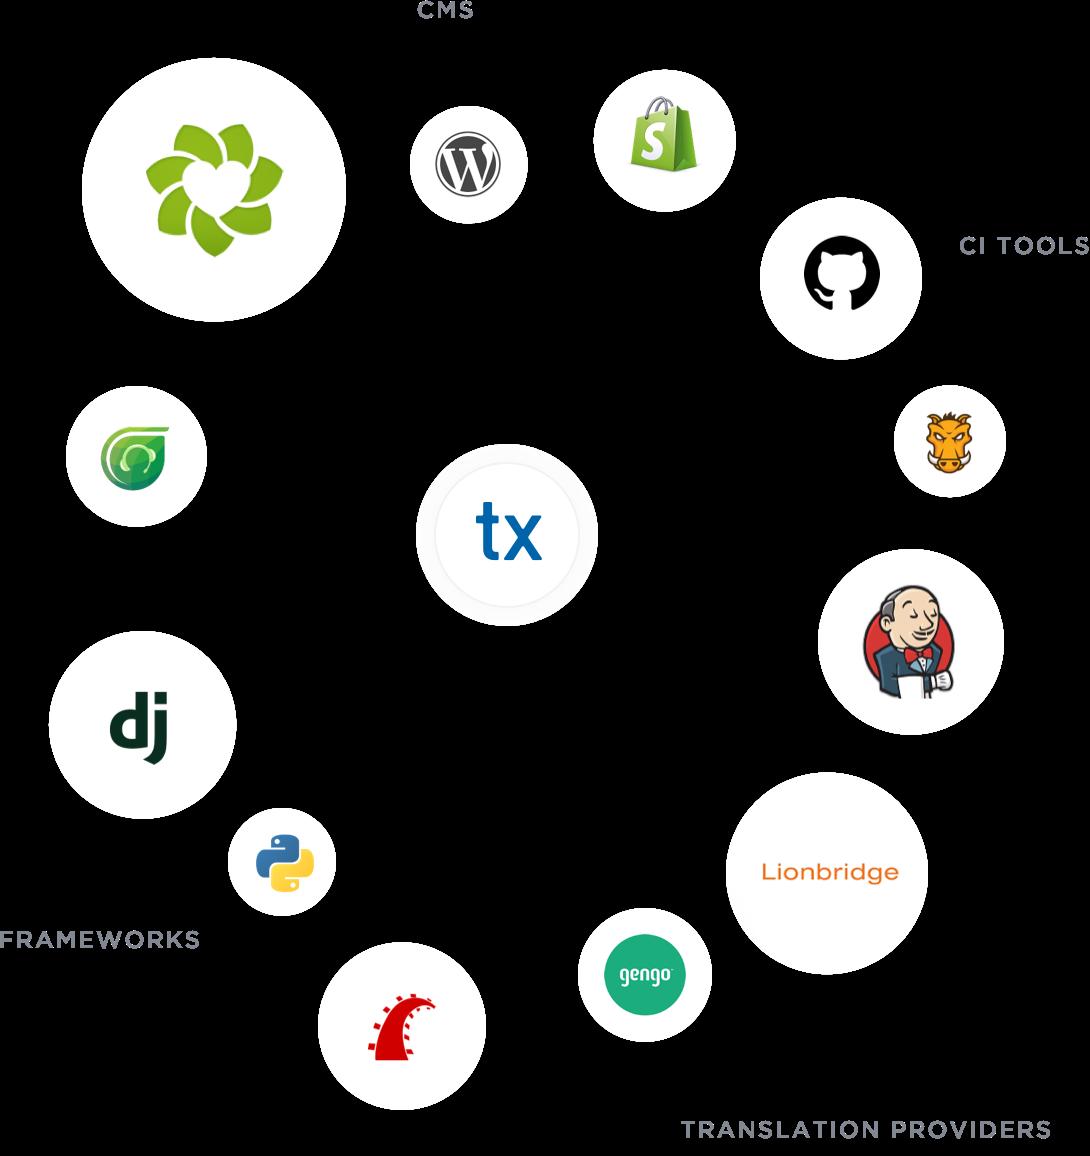 Localization Platform for Translating Digital Content